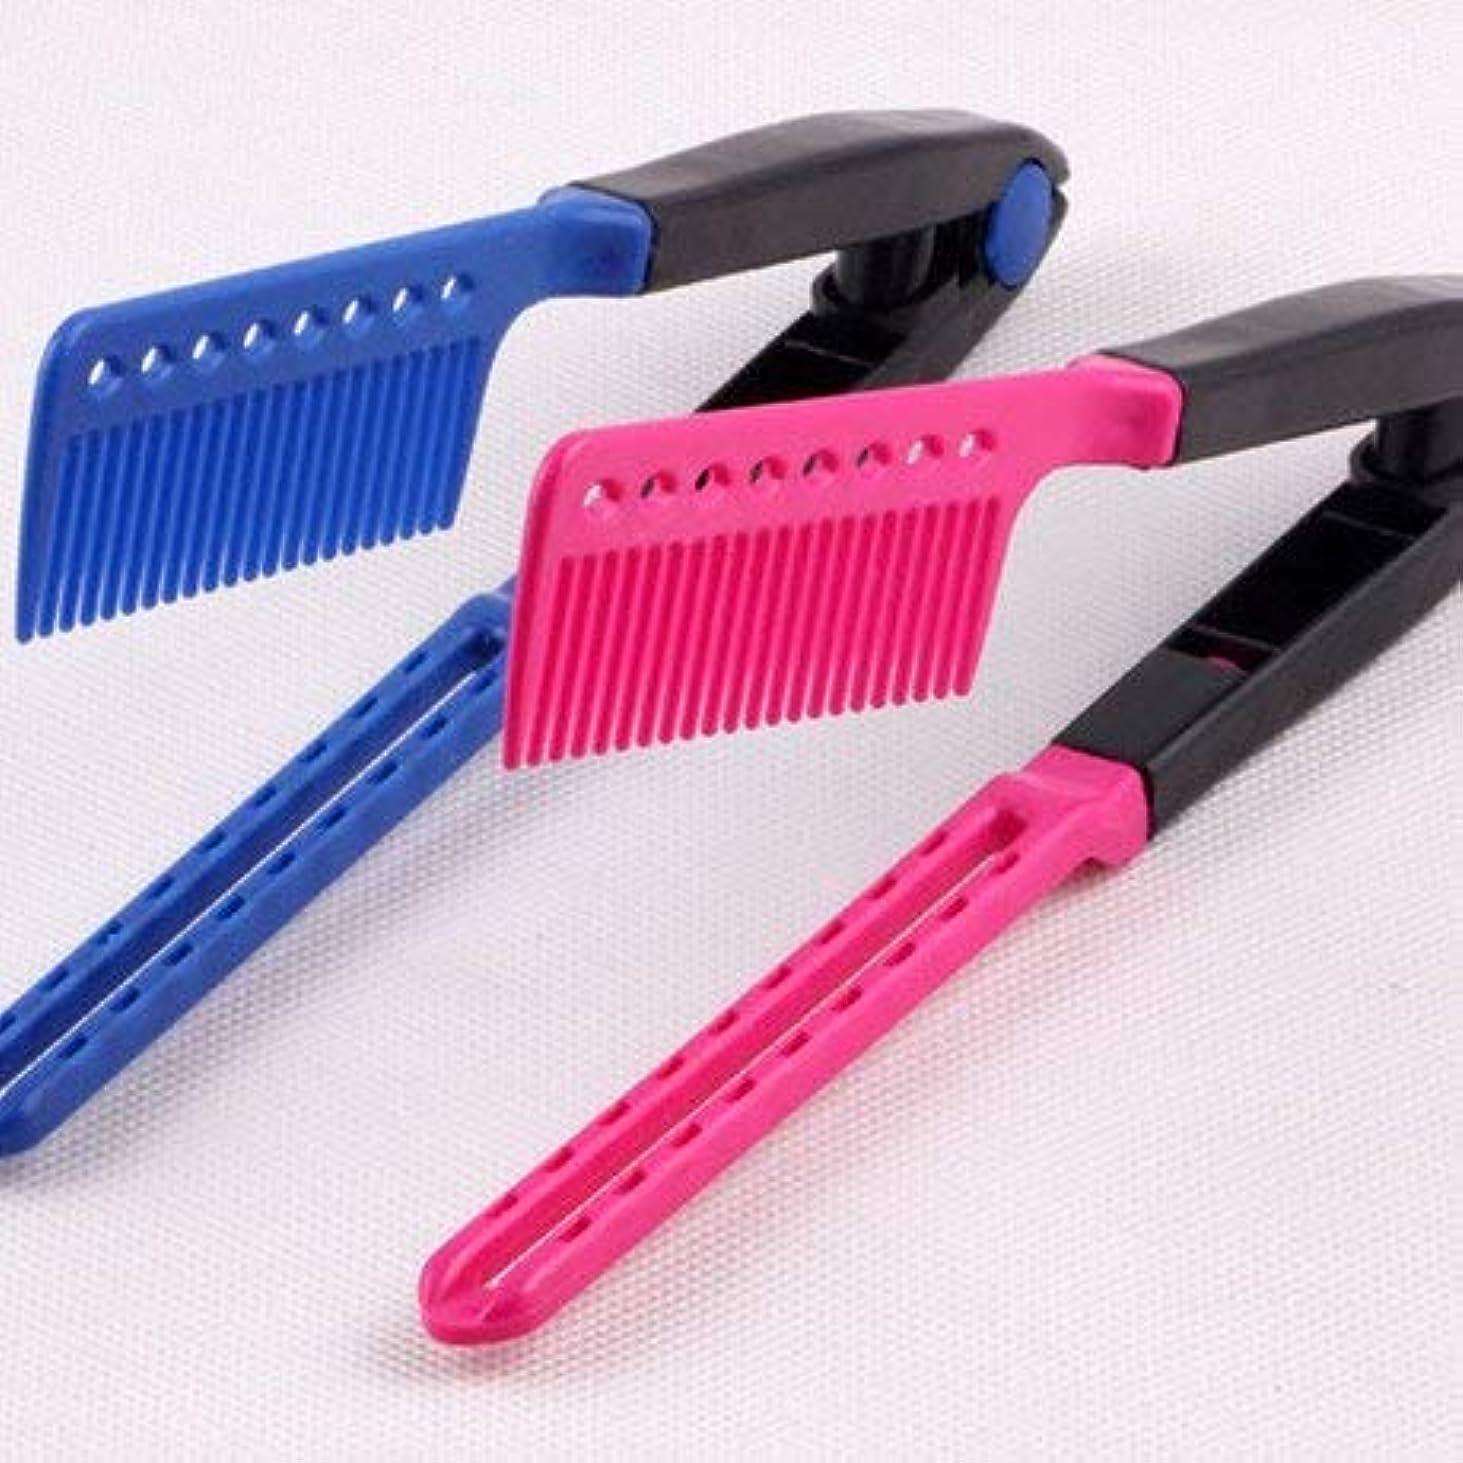 オーナーケント距離Hair Straightening Comb, Haircut Anti-static V Shape Comb Clip Clamp Hairdressing Styling Tools(Rose_Red) [並行輸入品]